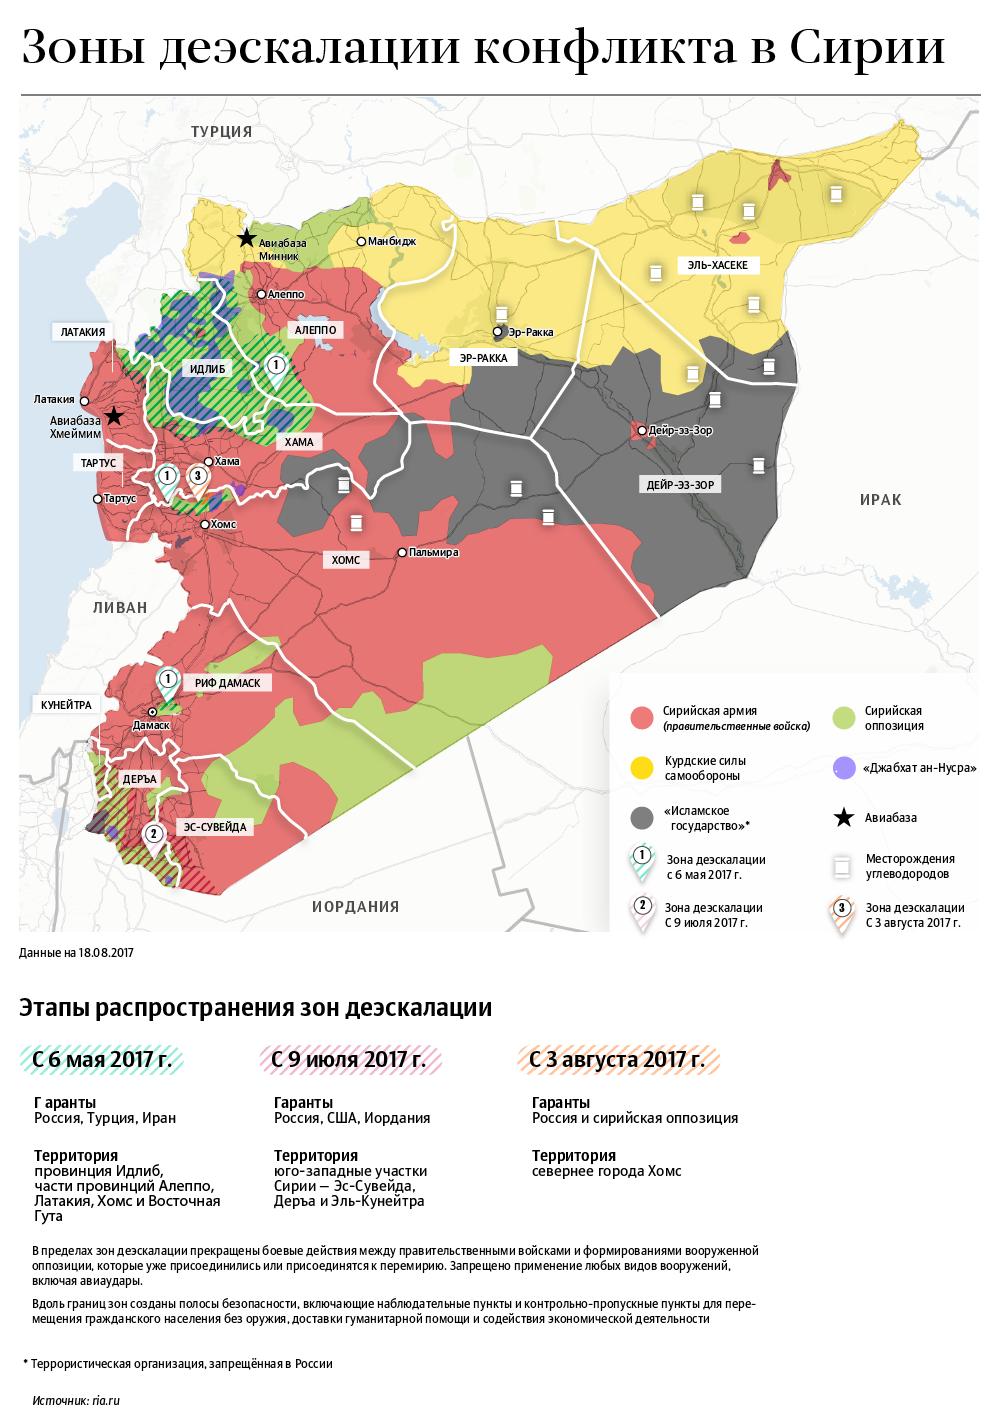 Зоны деэскалации конфликта в Сирии